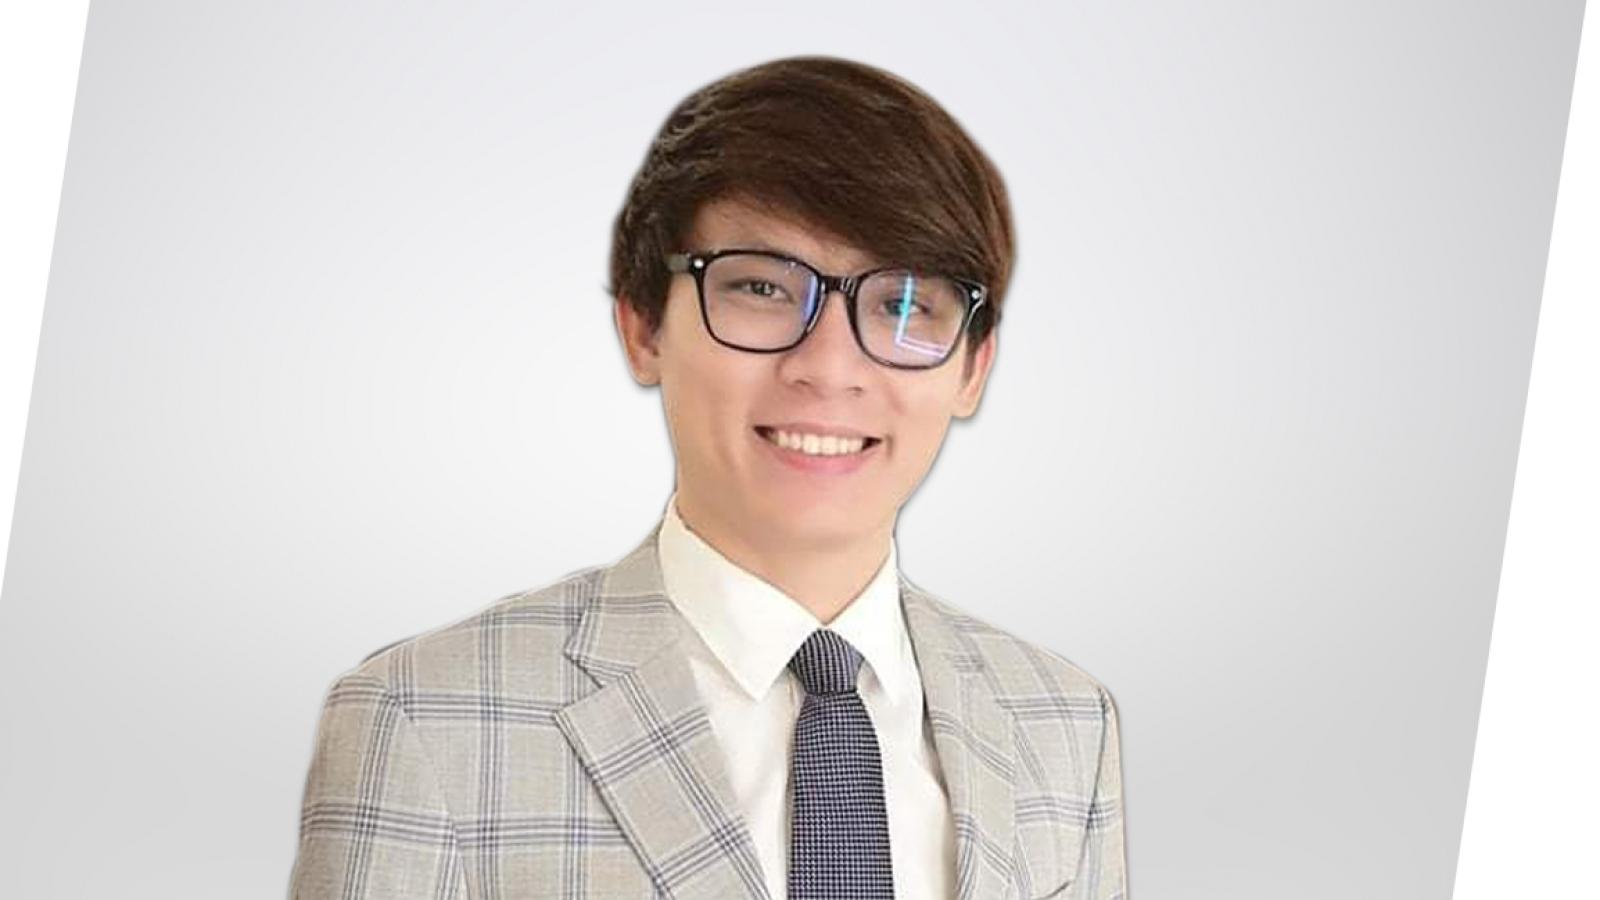 TS. Khiêm Nguyễn - Startup trẻ với đam mê trồng người